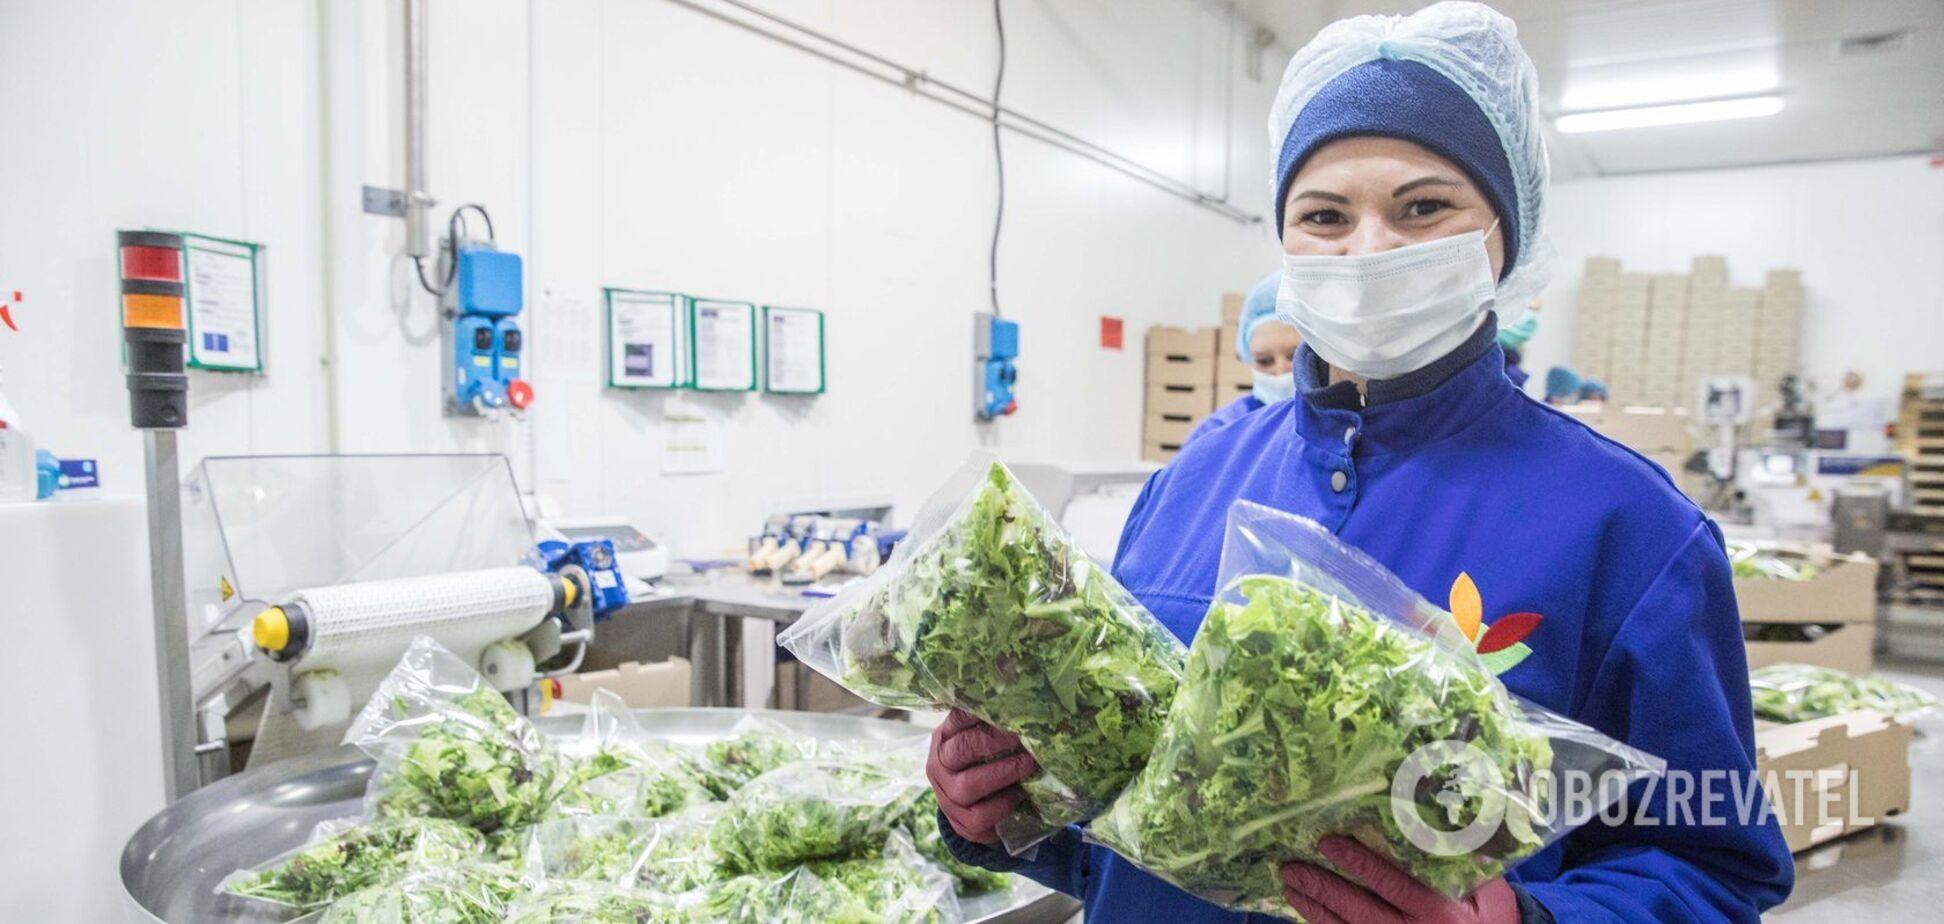 Фіно Верде: як українська компанія постачає салати у ресторани McDonald's